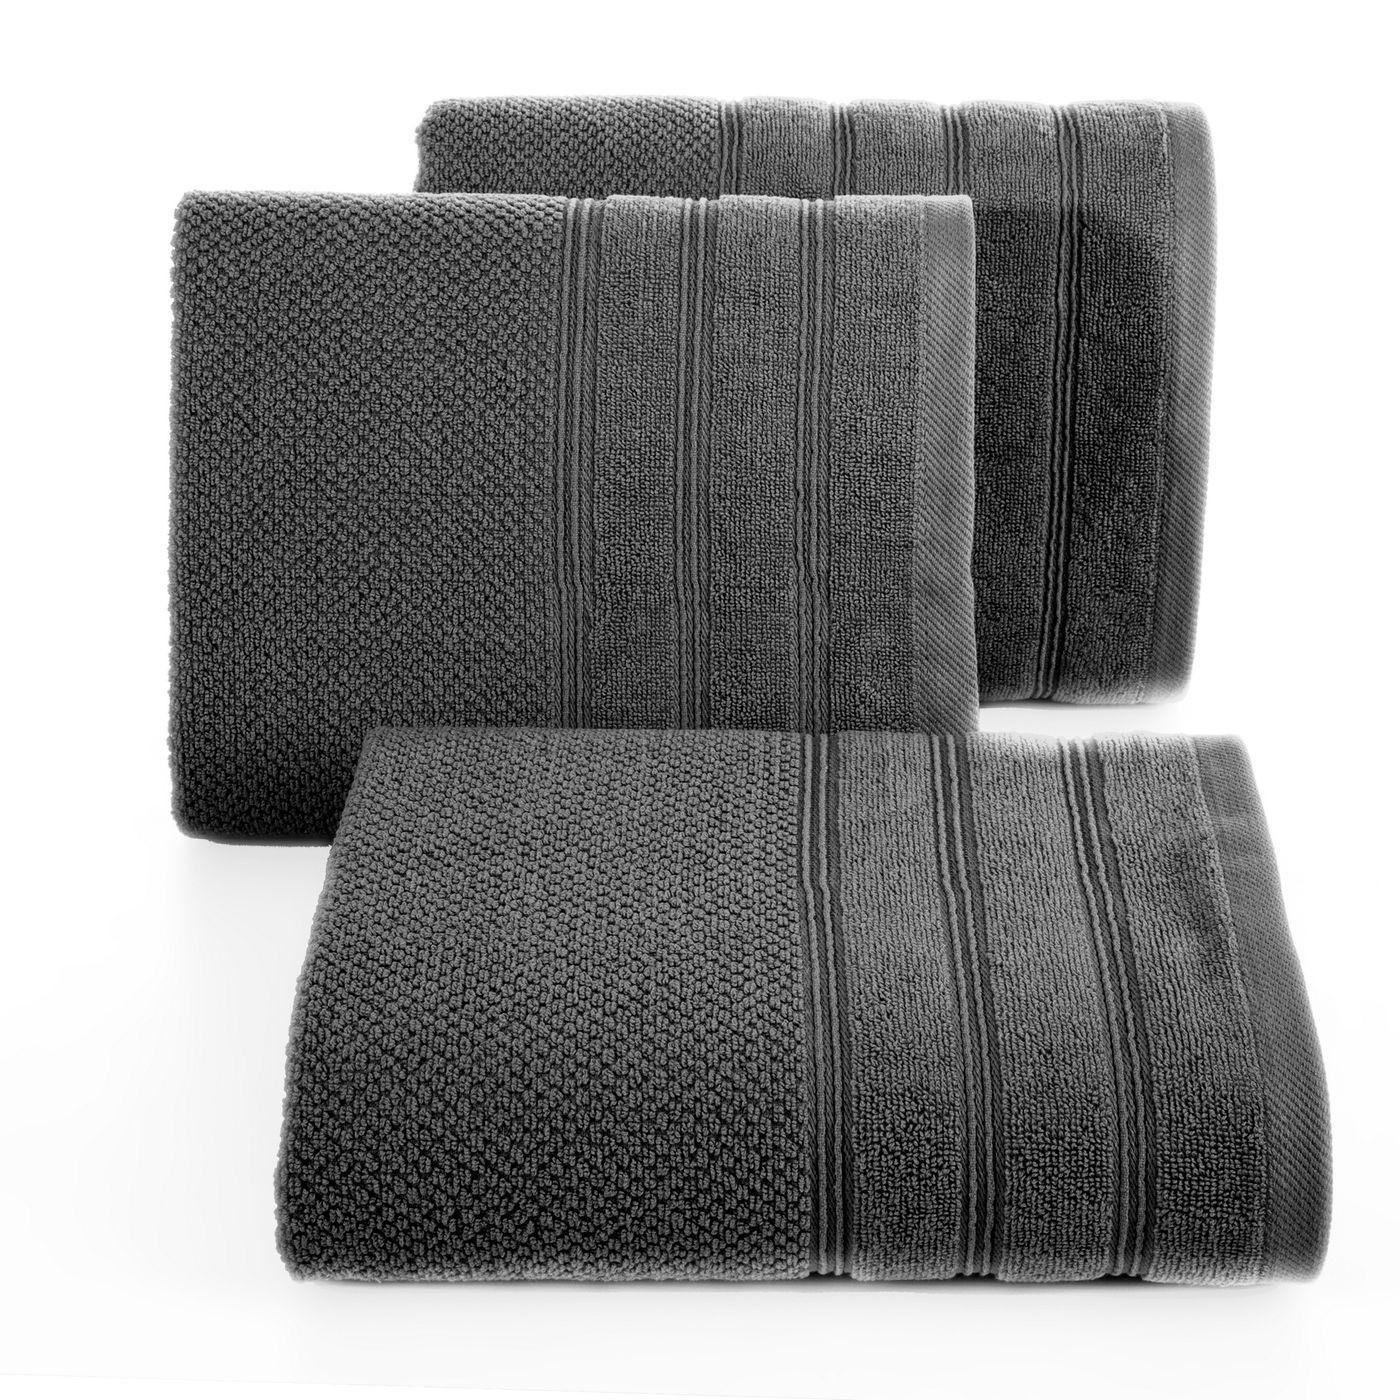 Bawełniany ręcznik kąpielowy stalowy szary 70x140 cm